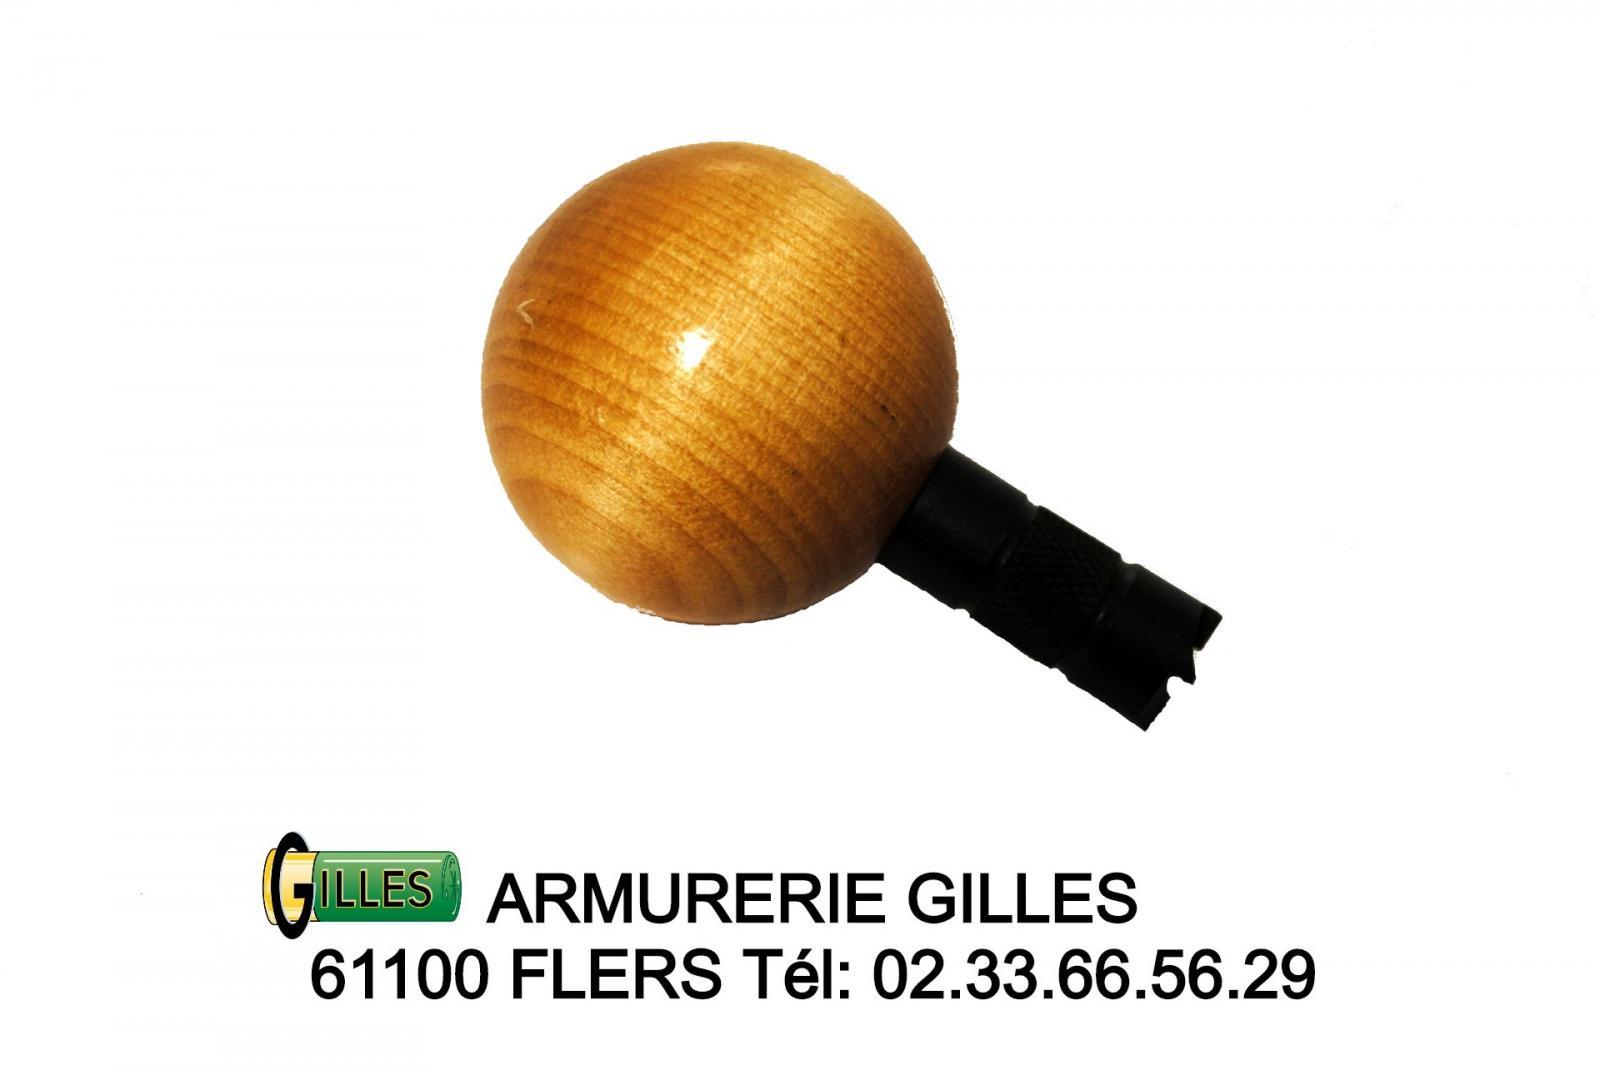 Racourcisseur de de douilles balle en bois LEE90275